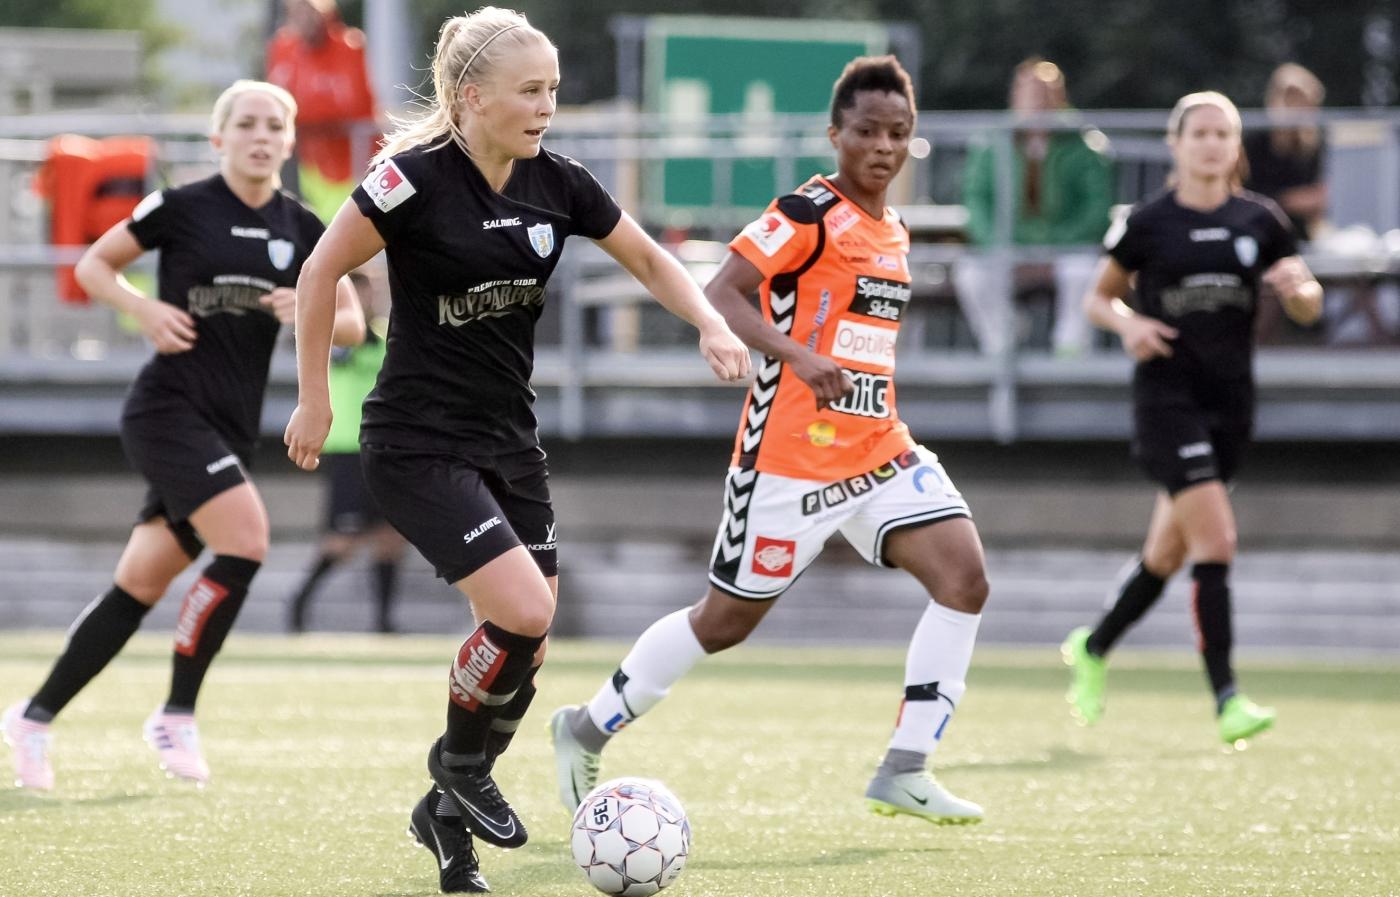 Kristianstad spelar cupmatch med mittback i malet